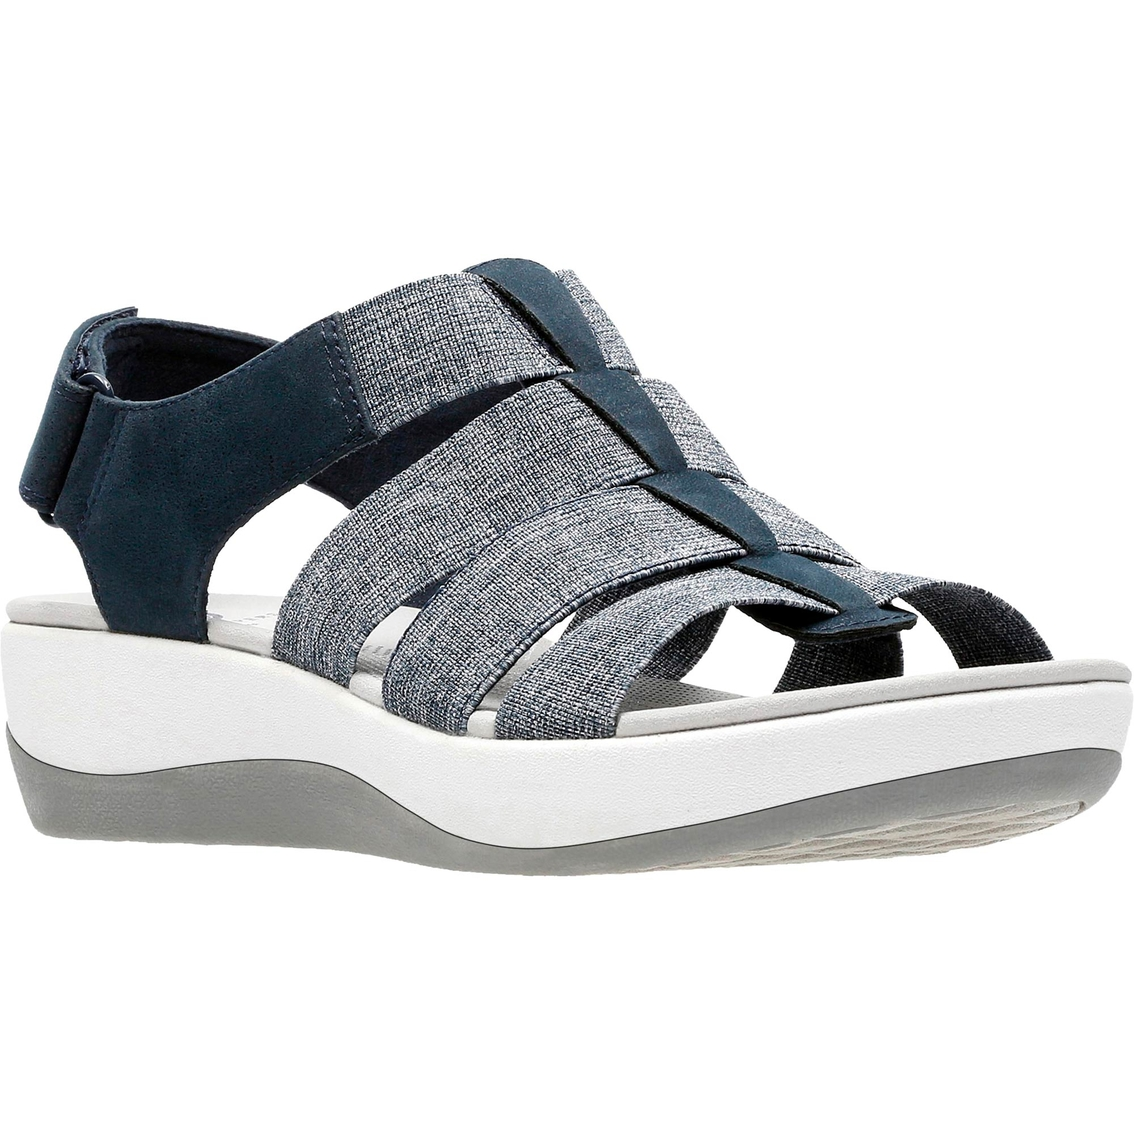 44da1643d31 Clarks Arla Shaylie Cloudstepper Sandals